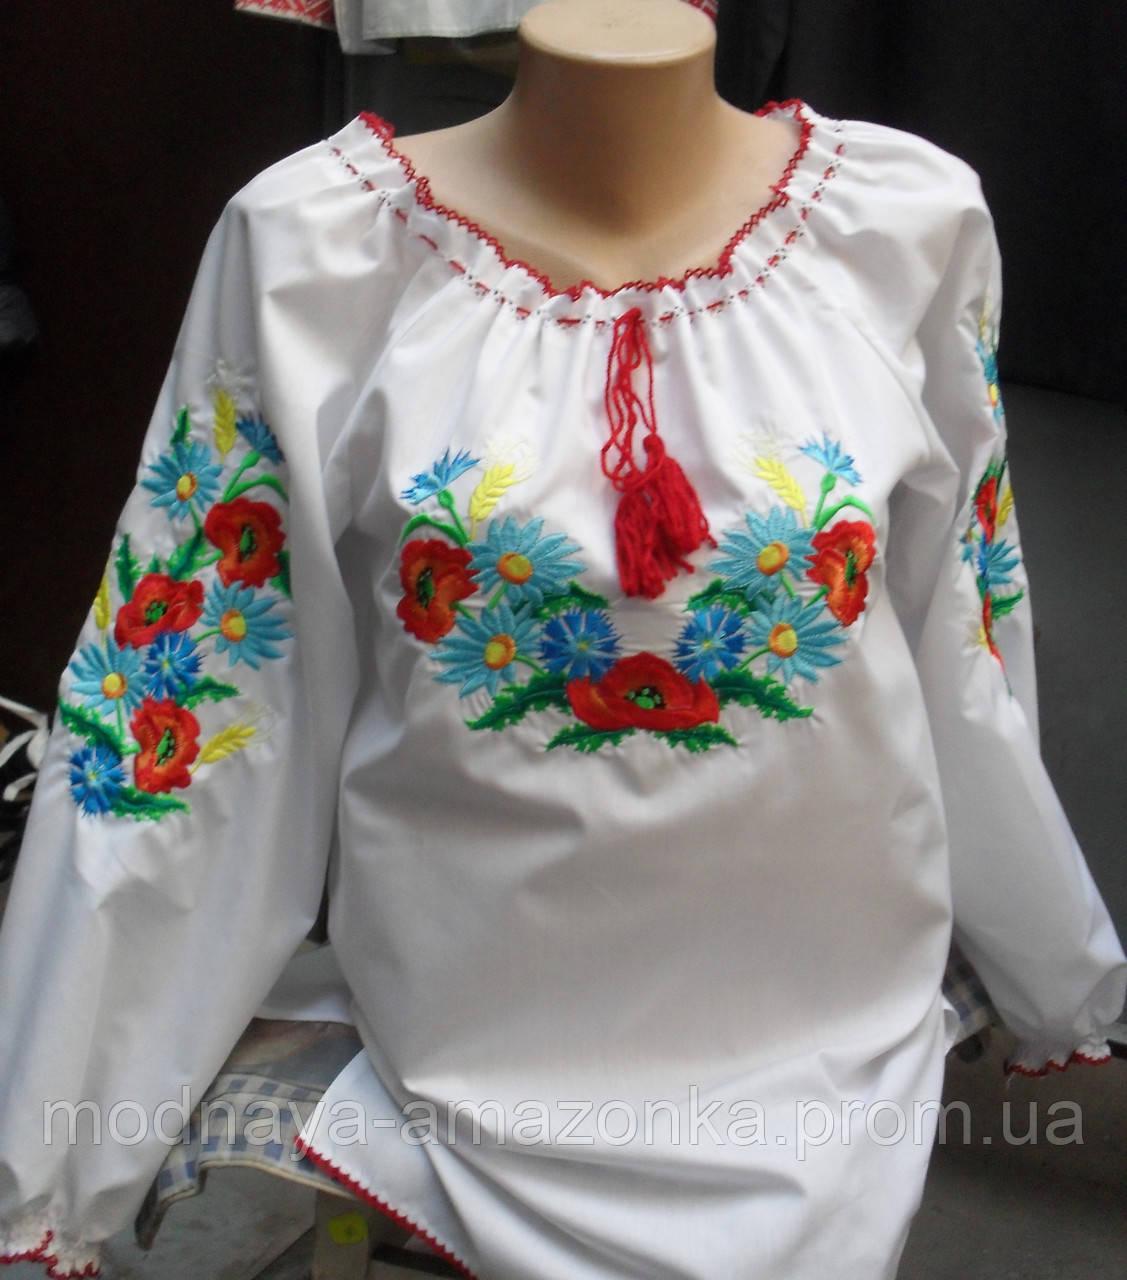 Блузка Крестьянка В Москве